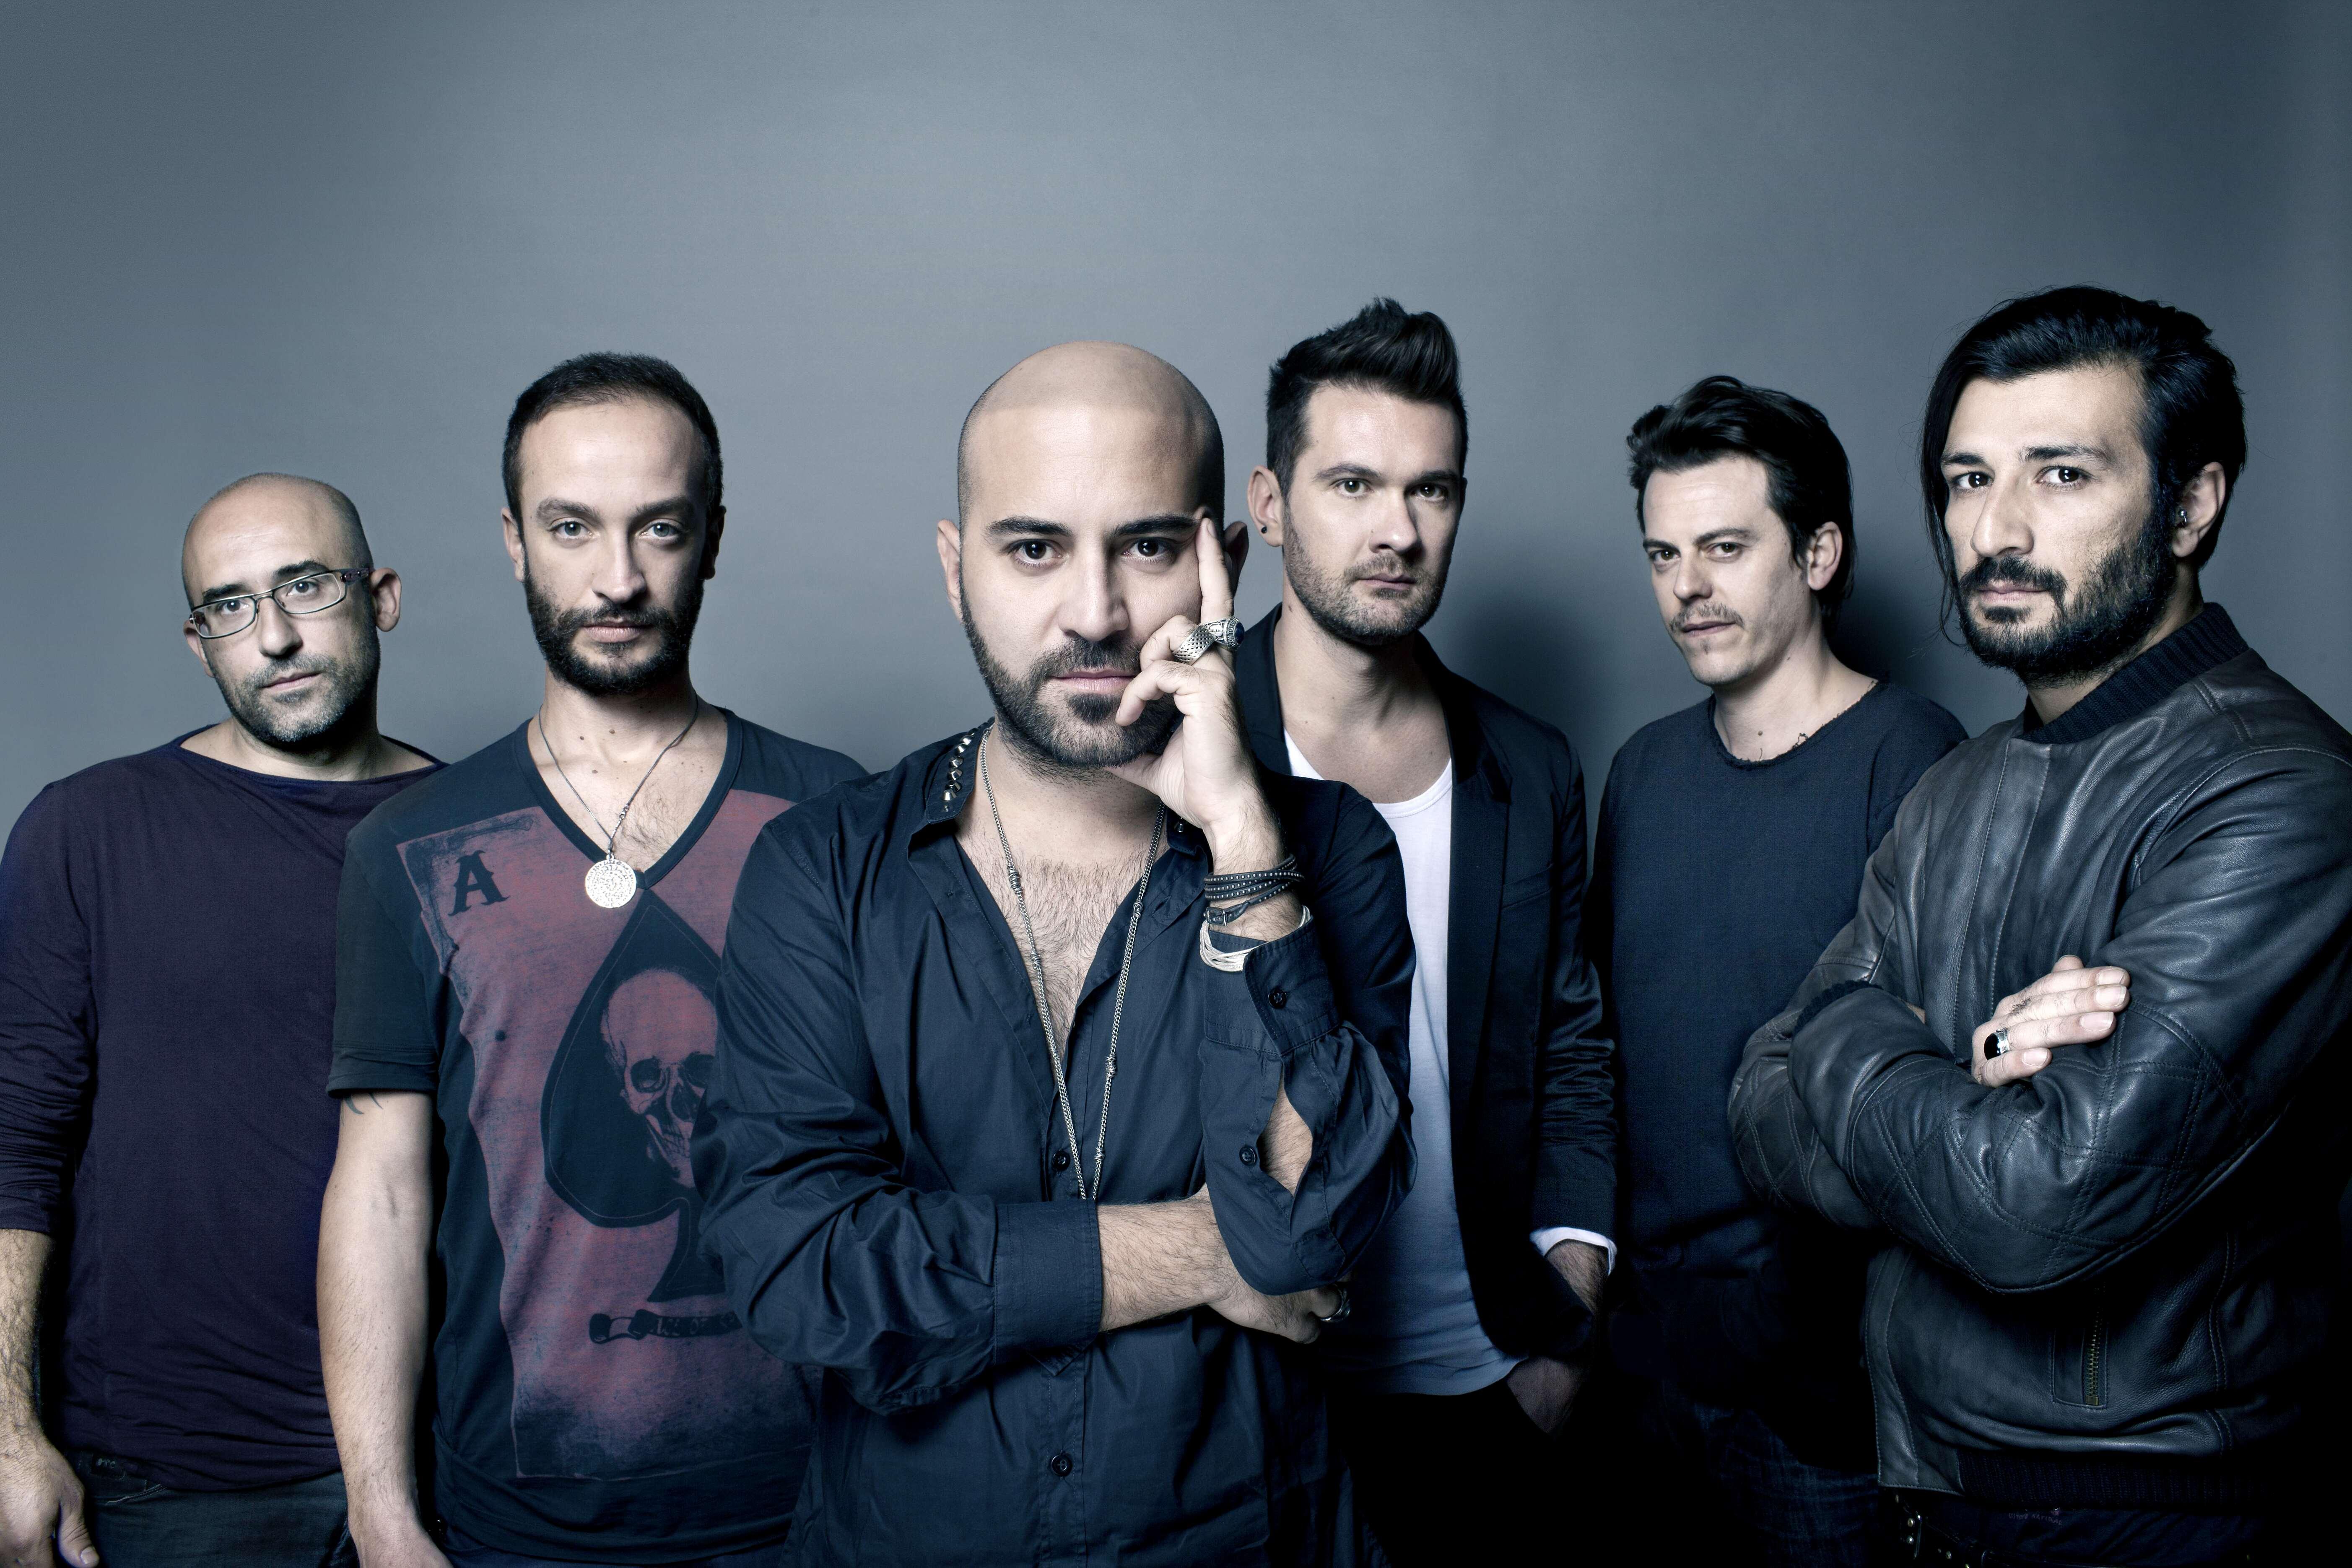 cantanti italiani omosessuali Asti